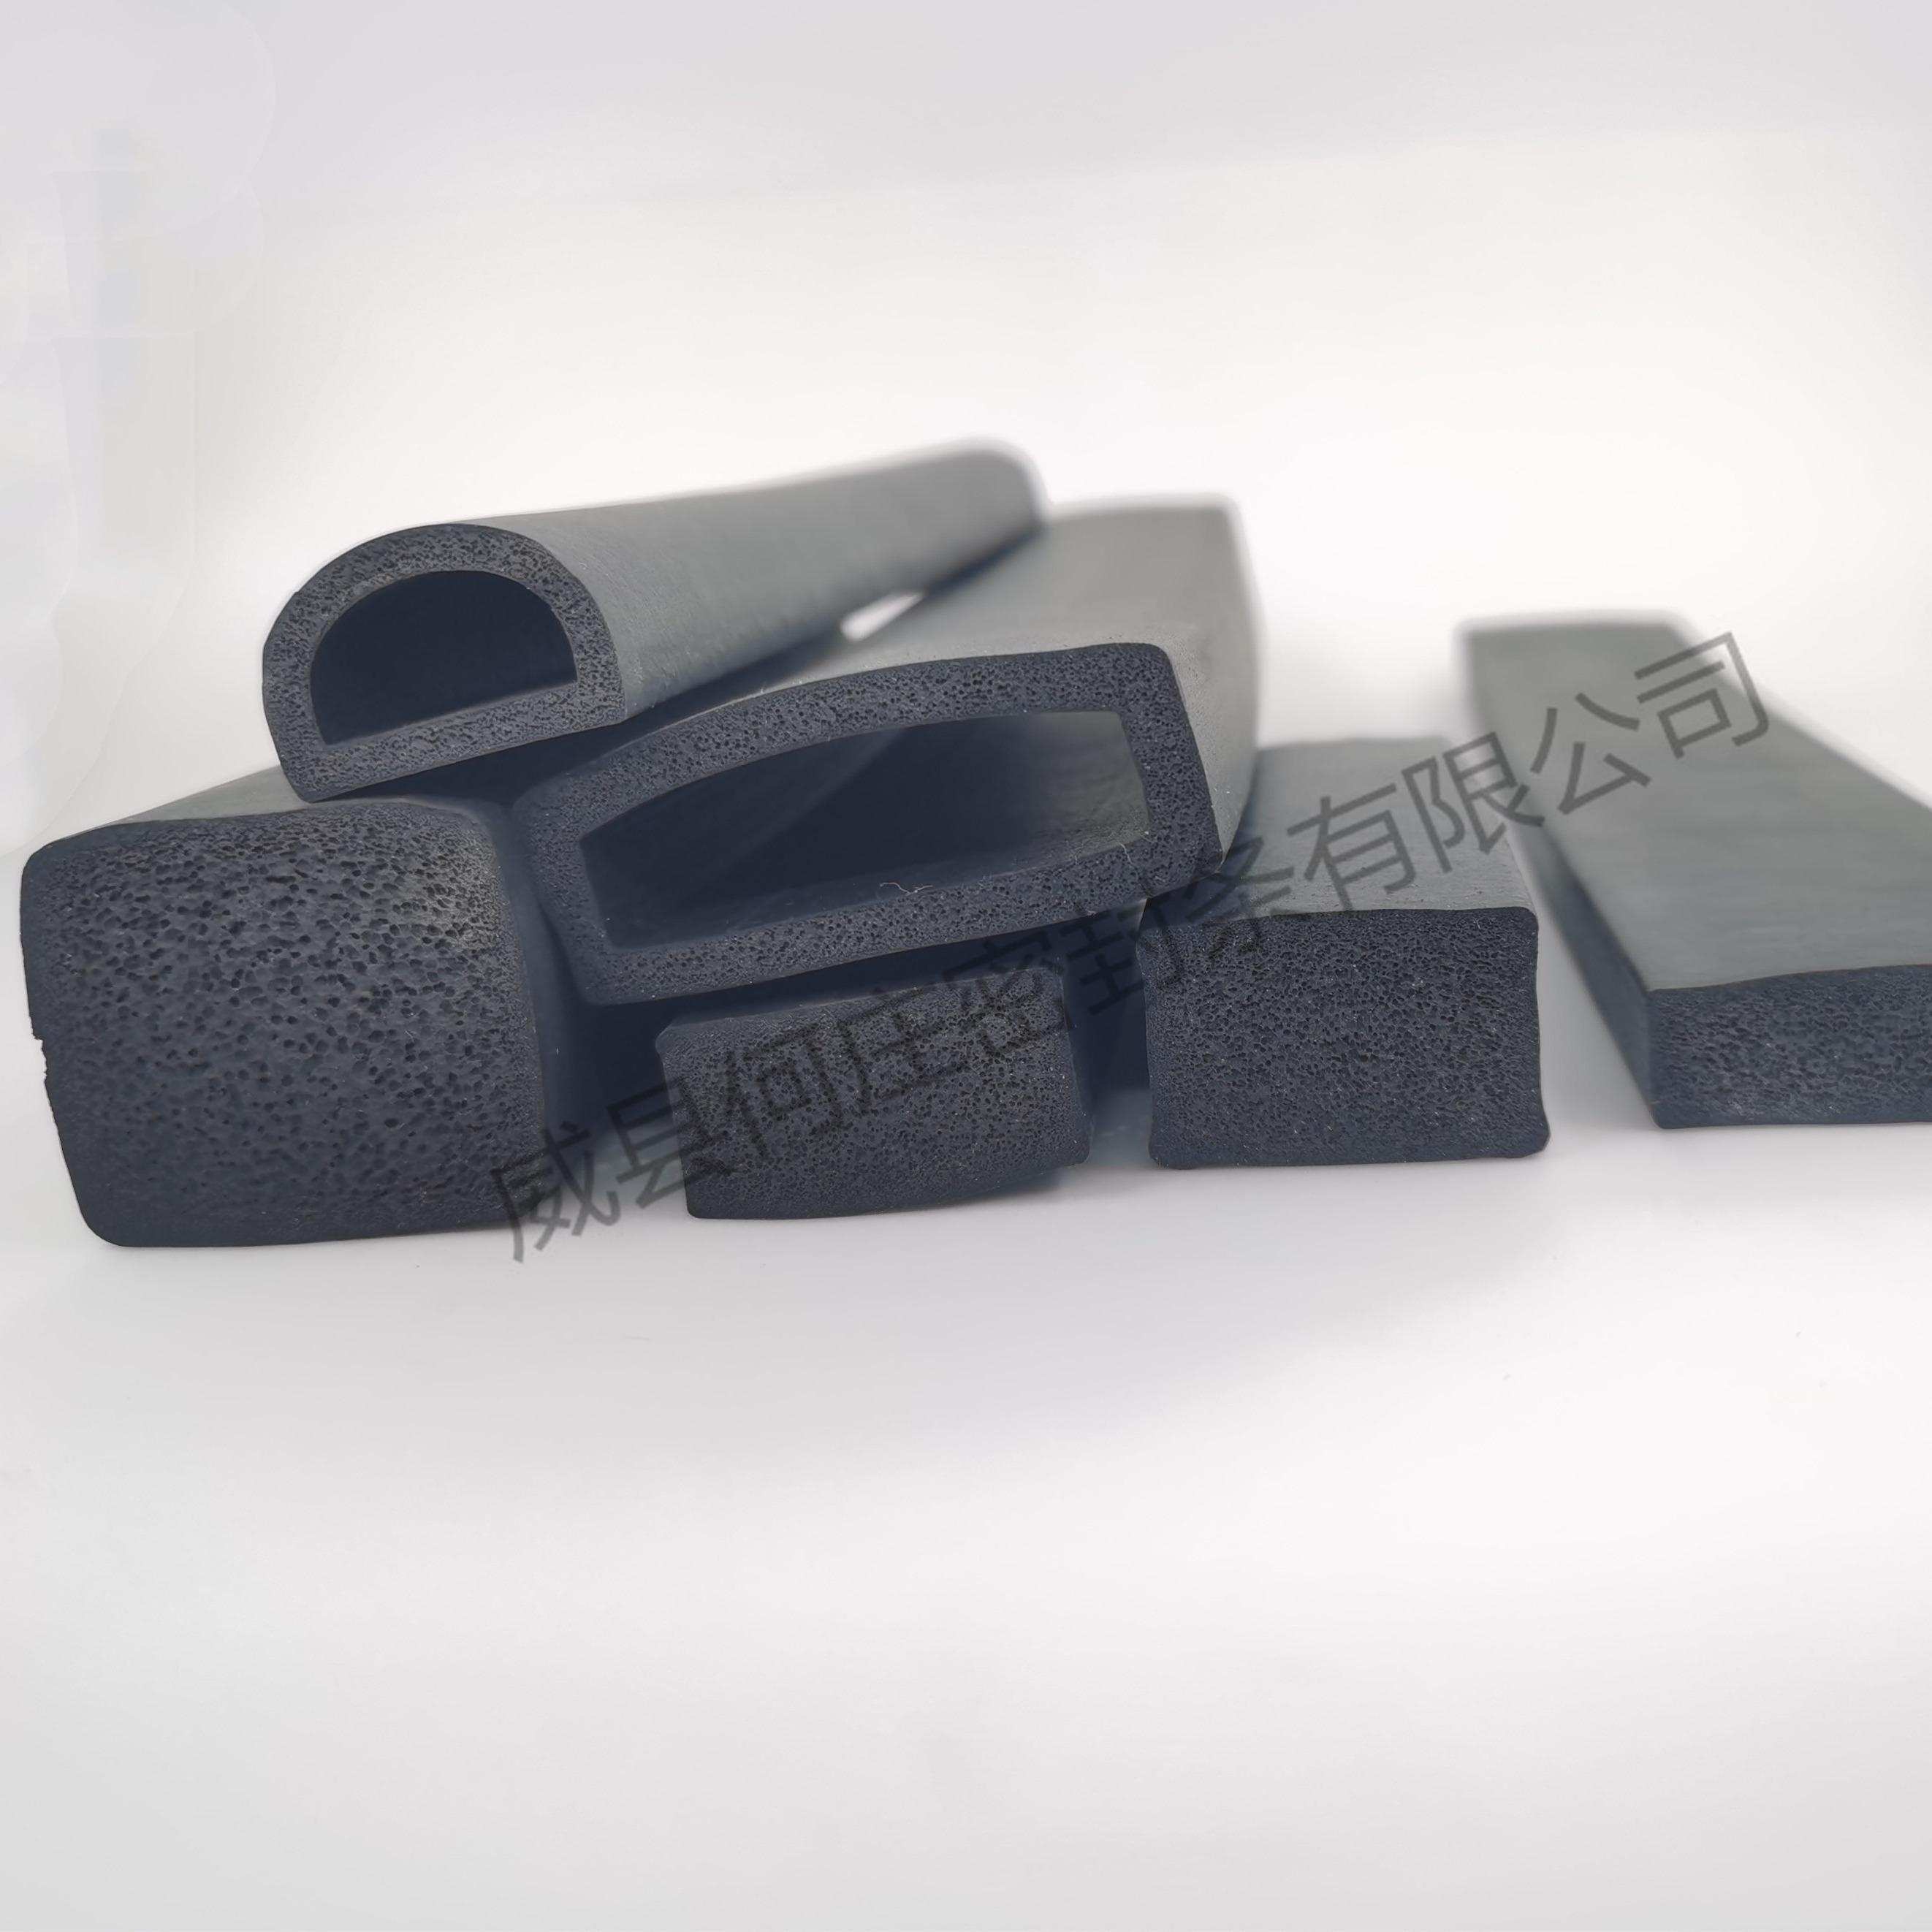 生产三元乙丙发泡海绵密封条 epdm配电柜箱黑色橡胶发泡方条